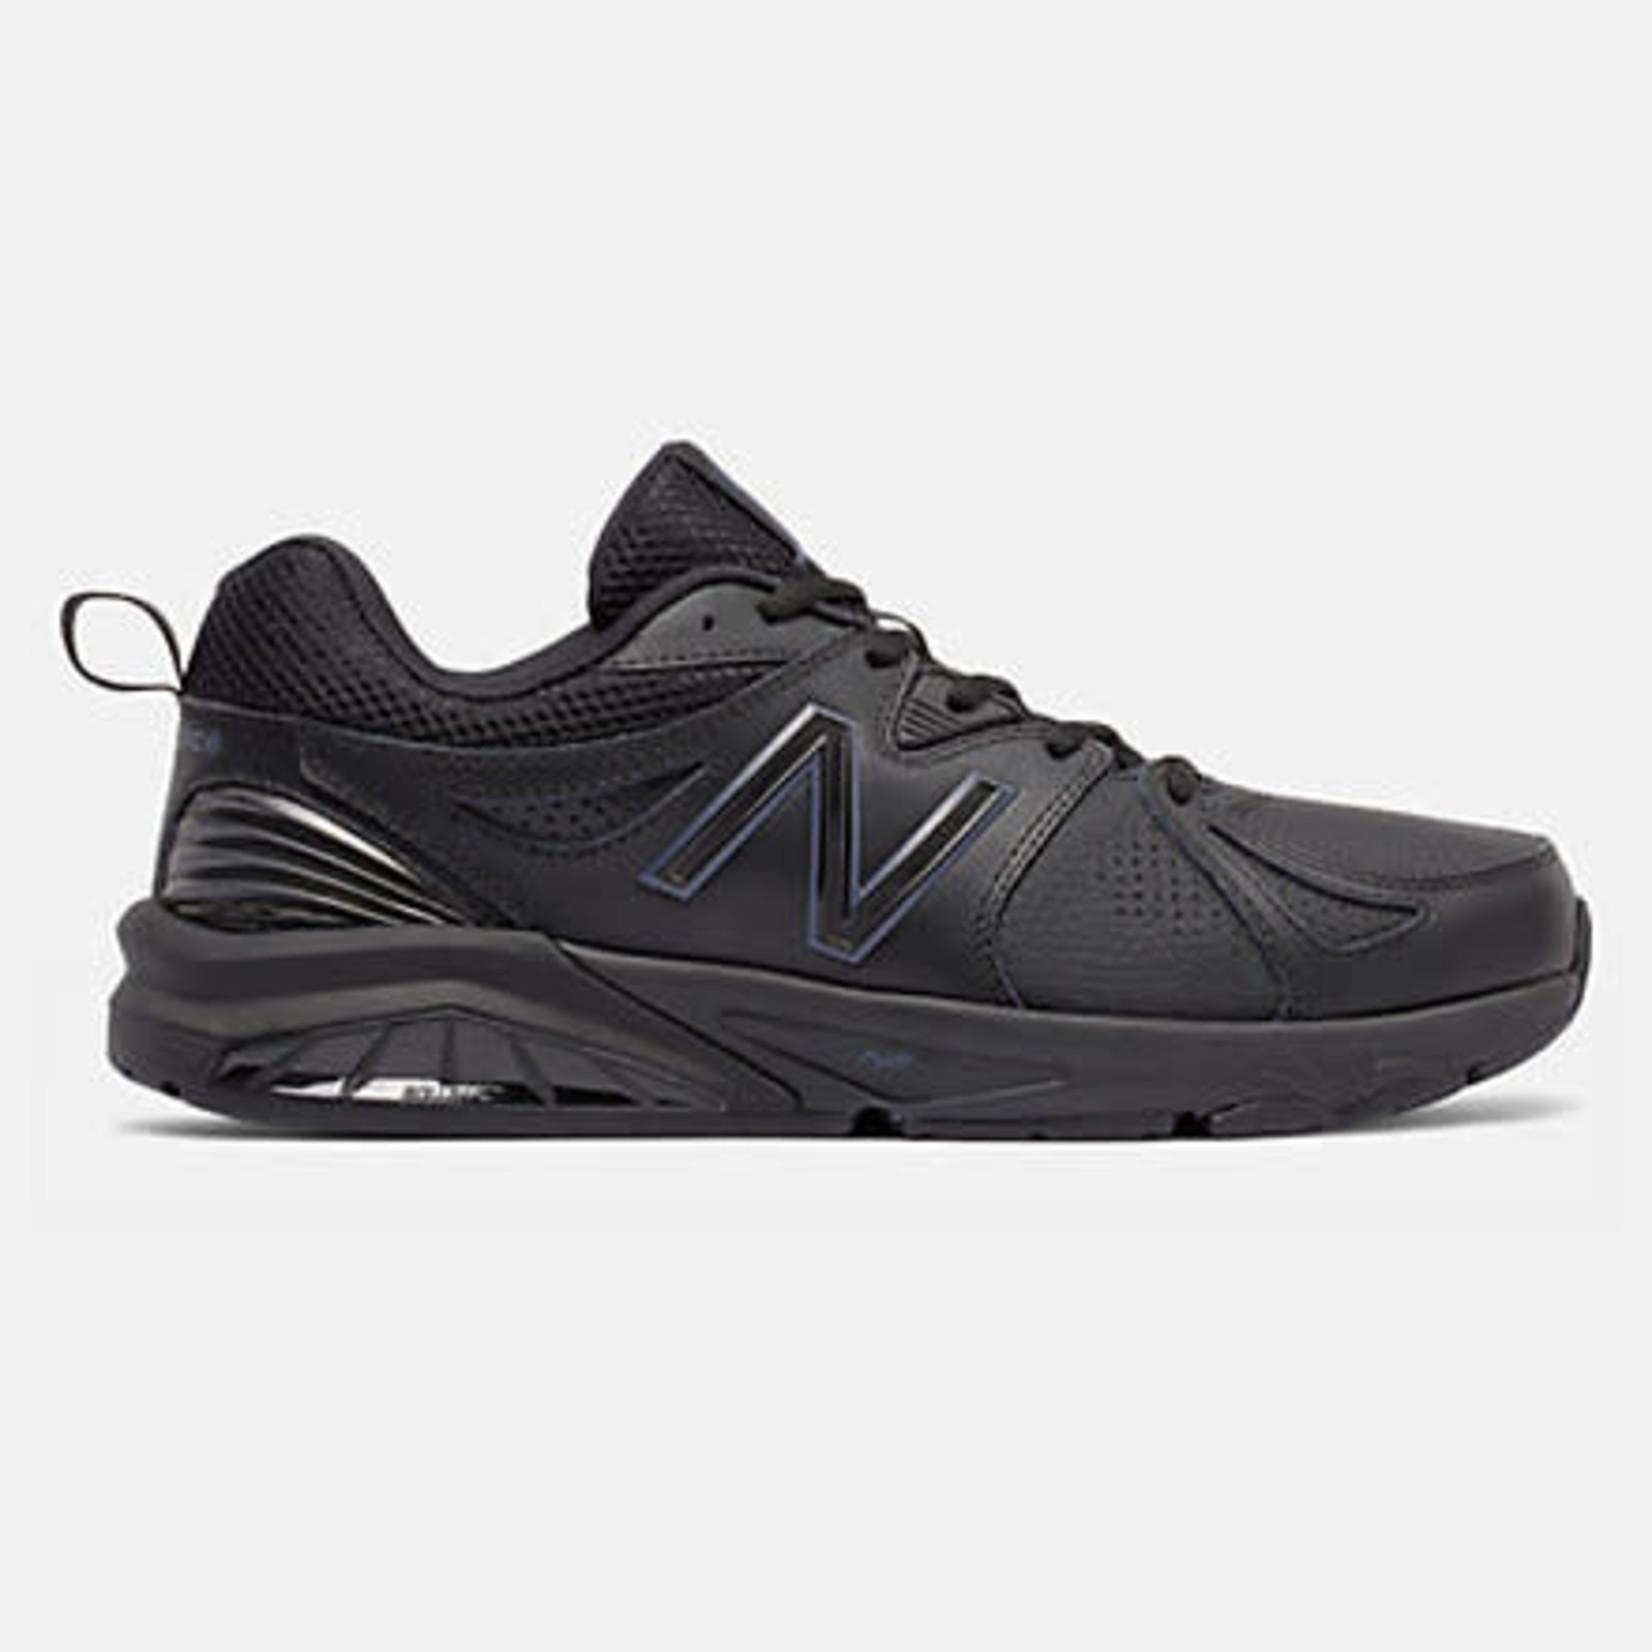 New Balance New Balance Training Shoes, MX857AB2, Mens